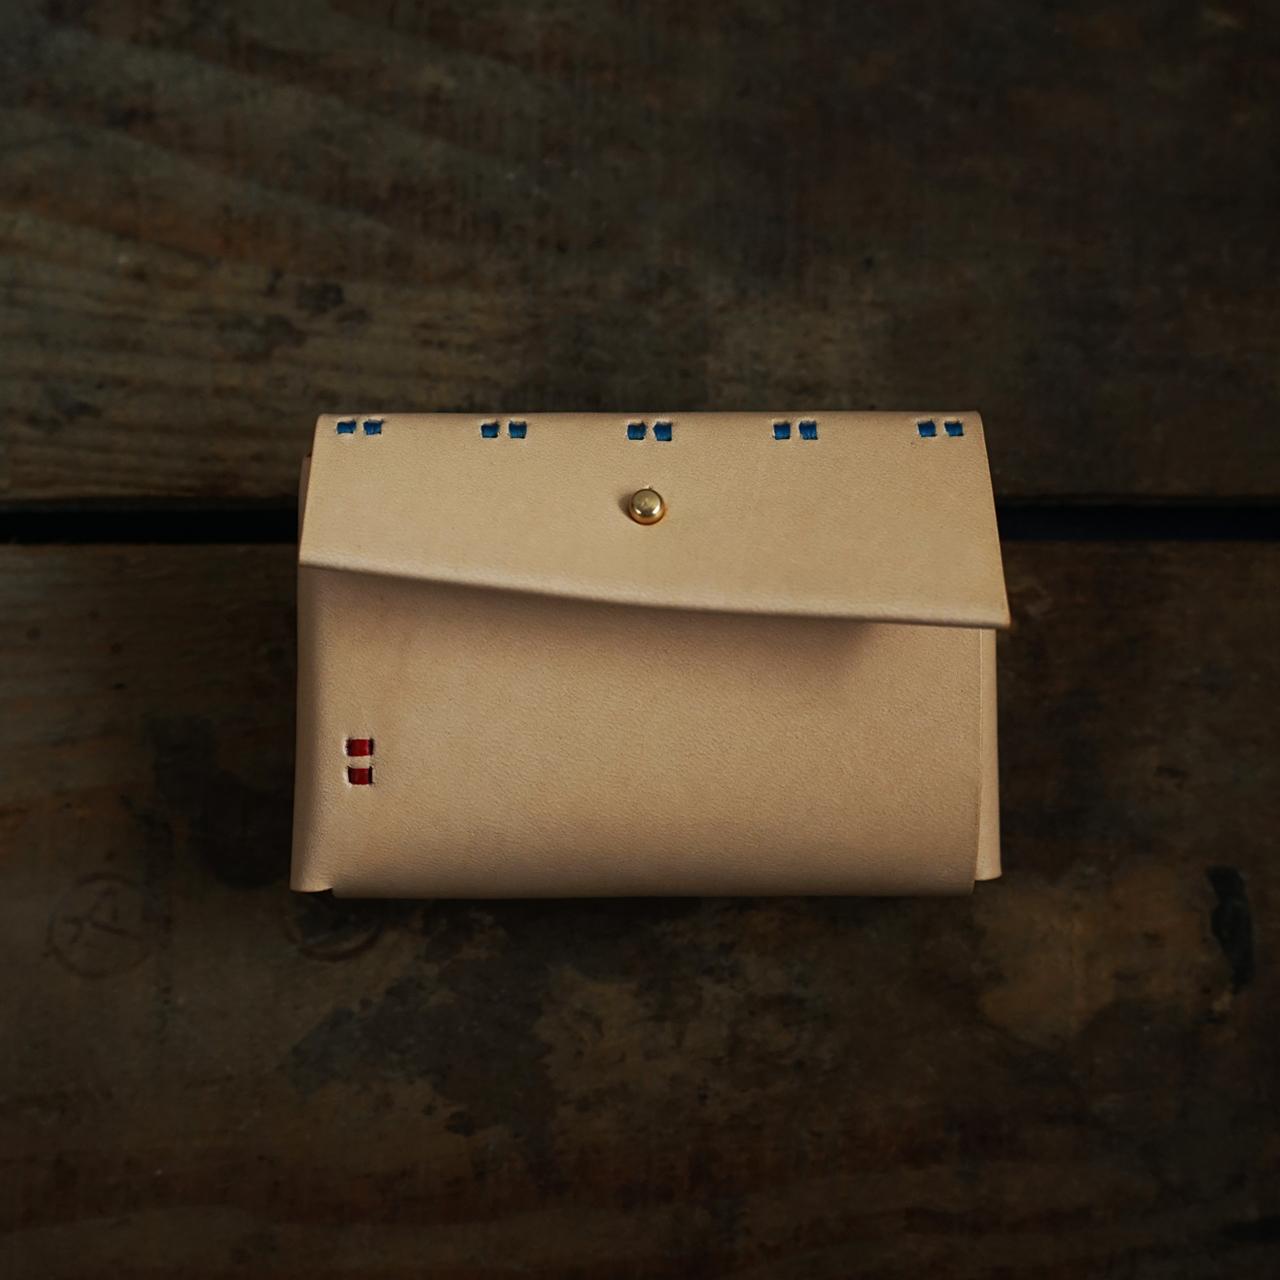 【縫い糸のカスタマイズ】小財布 ヌメ + 縫い糸「青と赤」